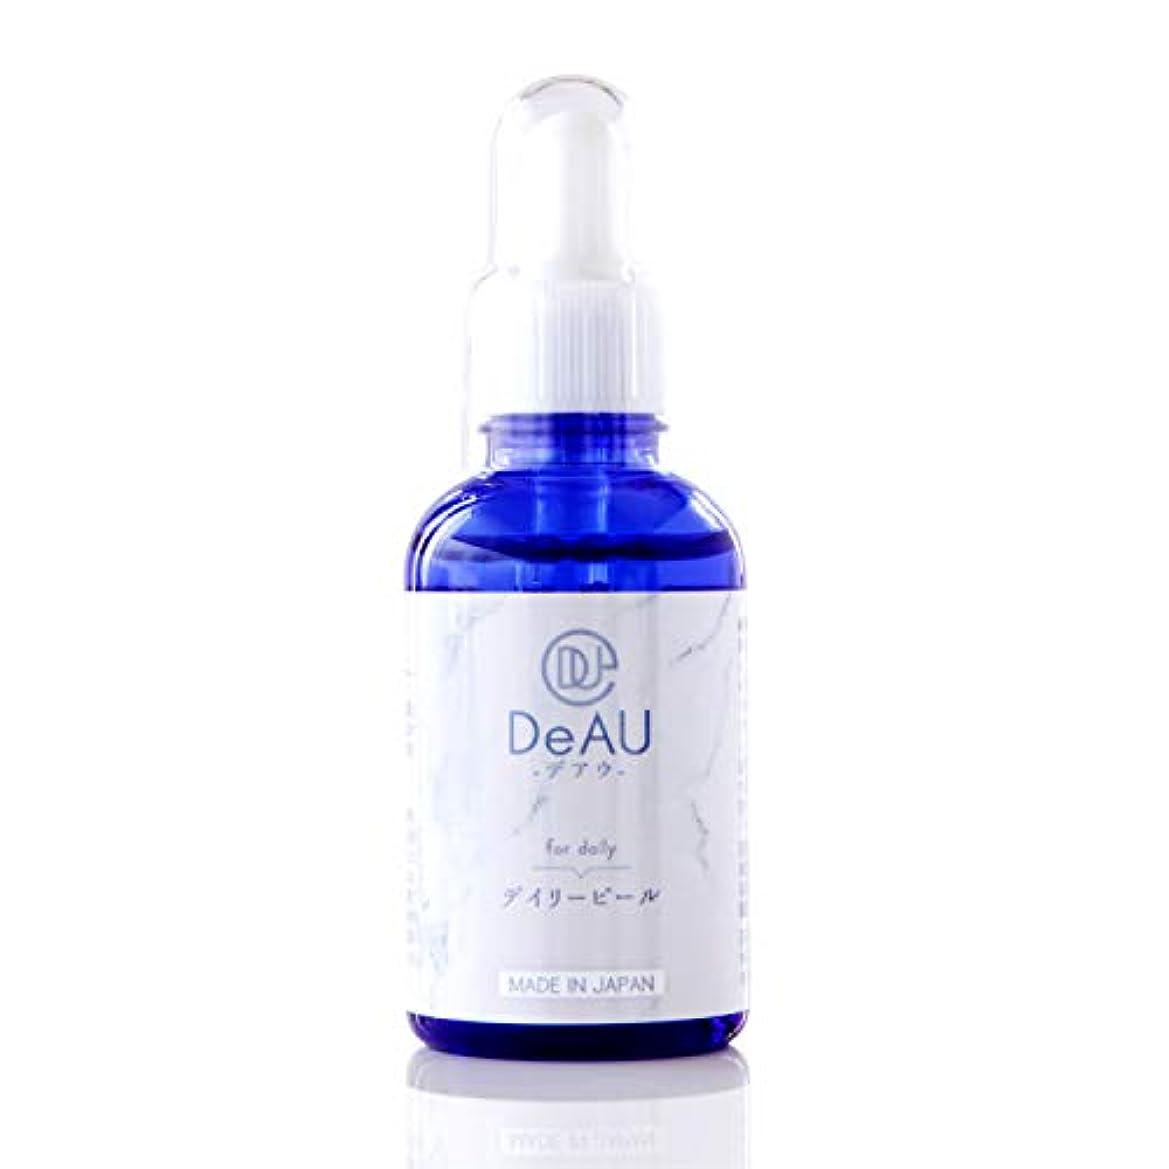 原稿フォーク必要条件DeAU デアウ デイリーピール 角質柔軟美容液